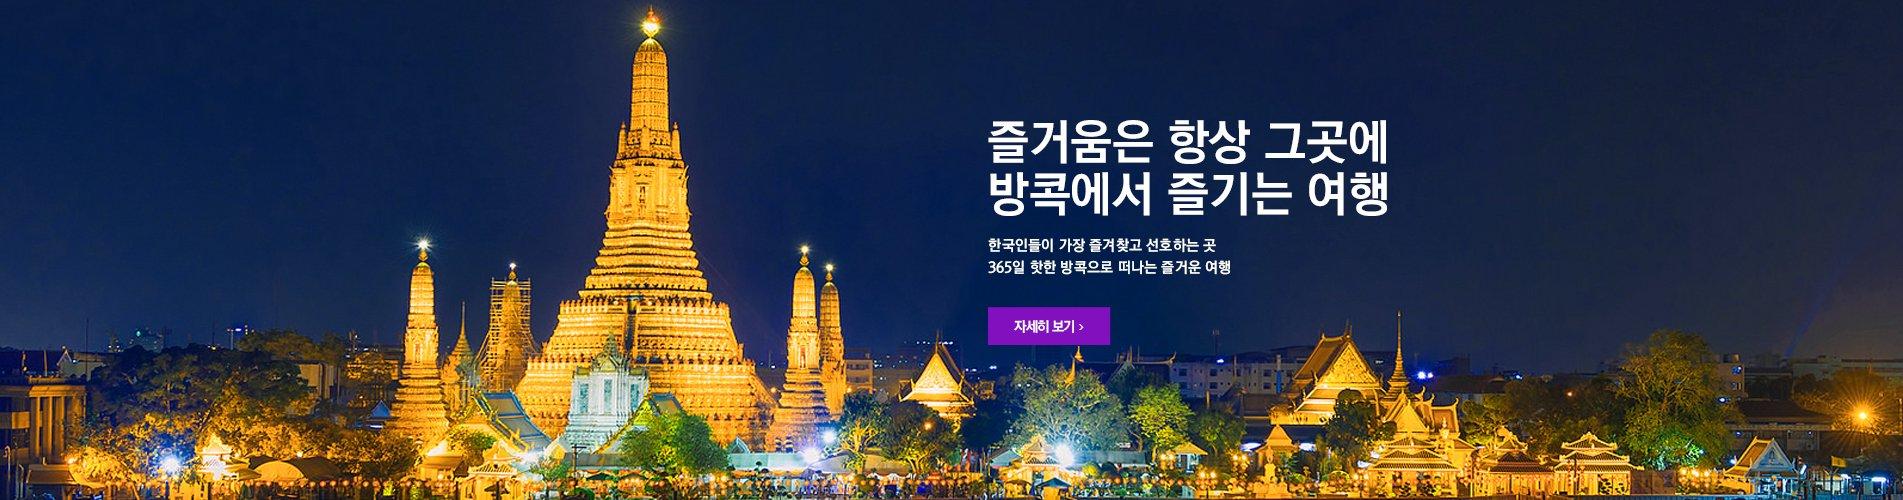 방콕/파타야 3박5일